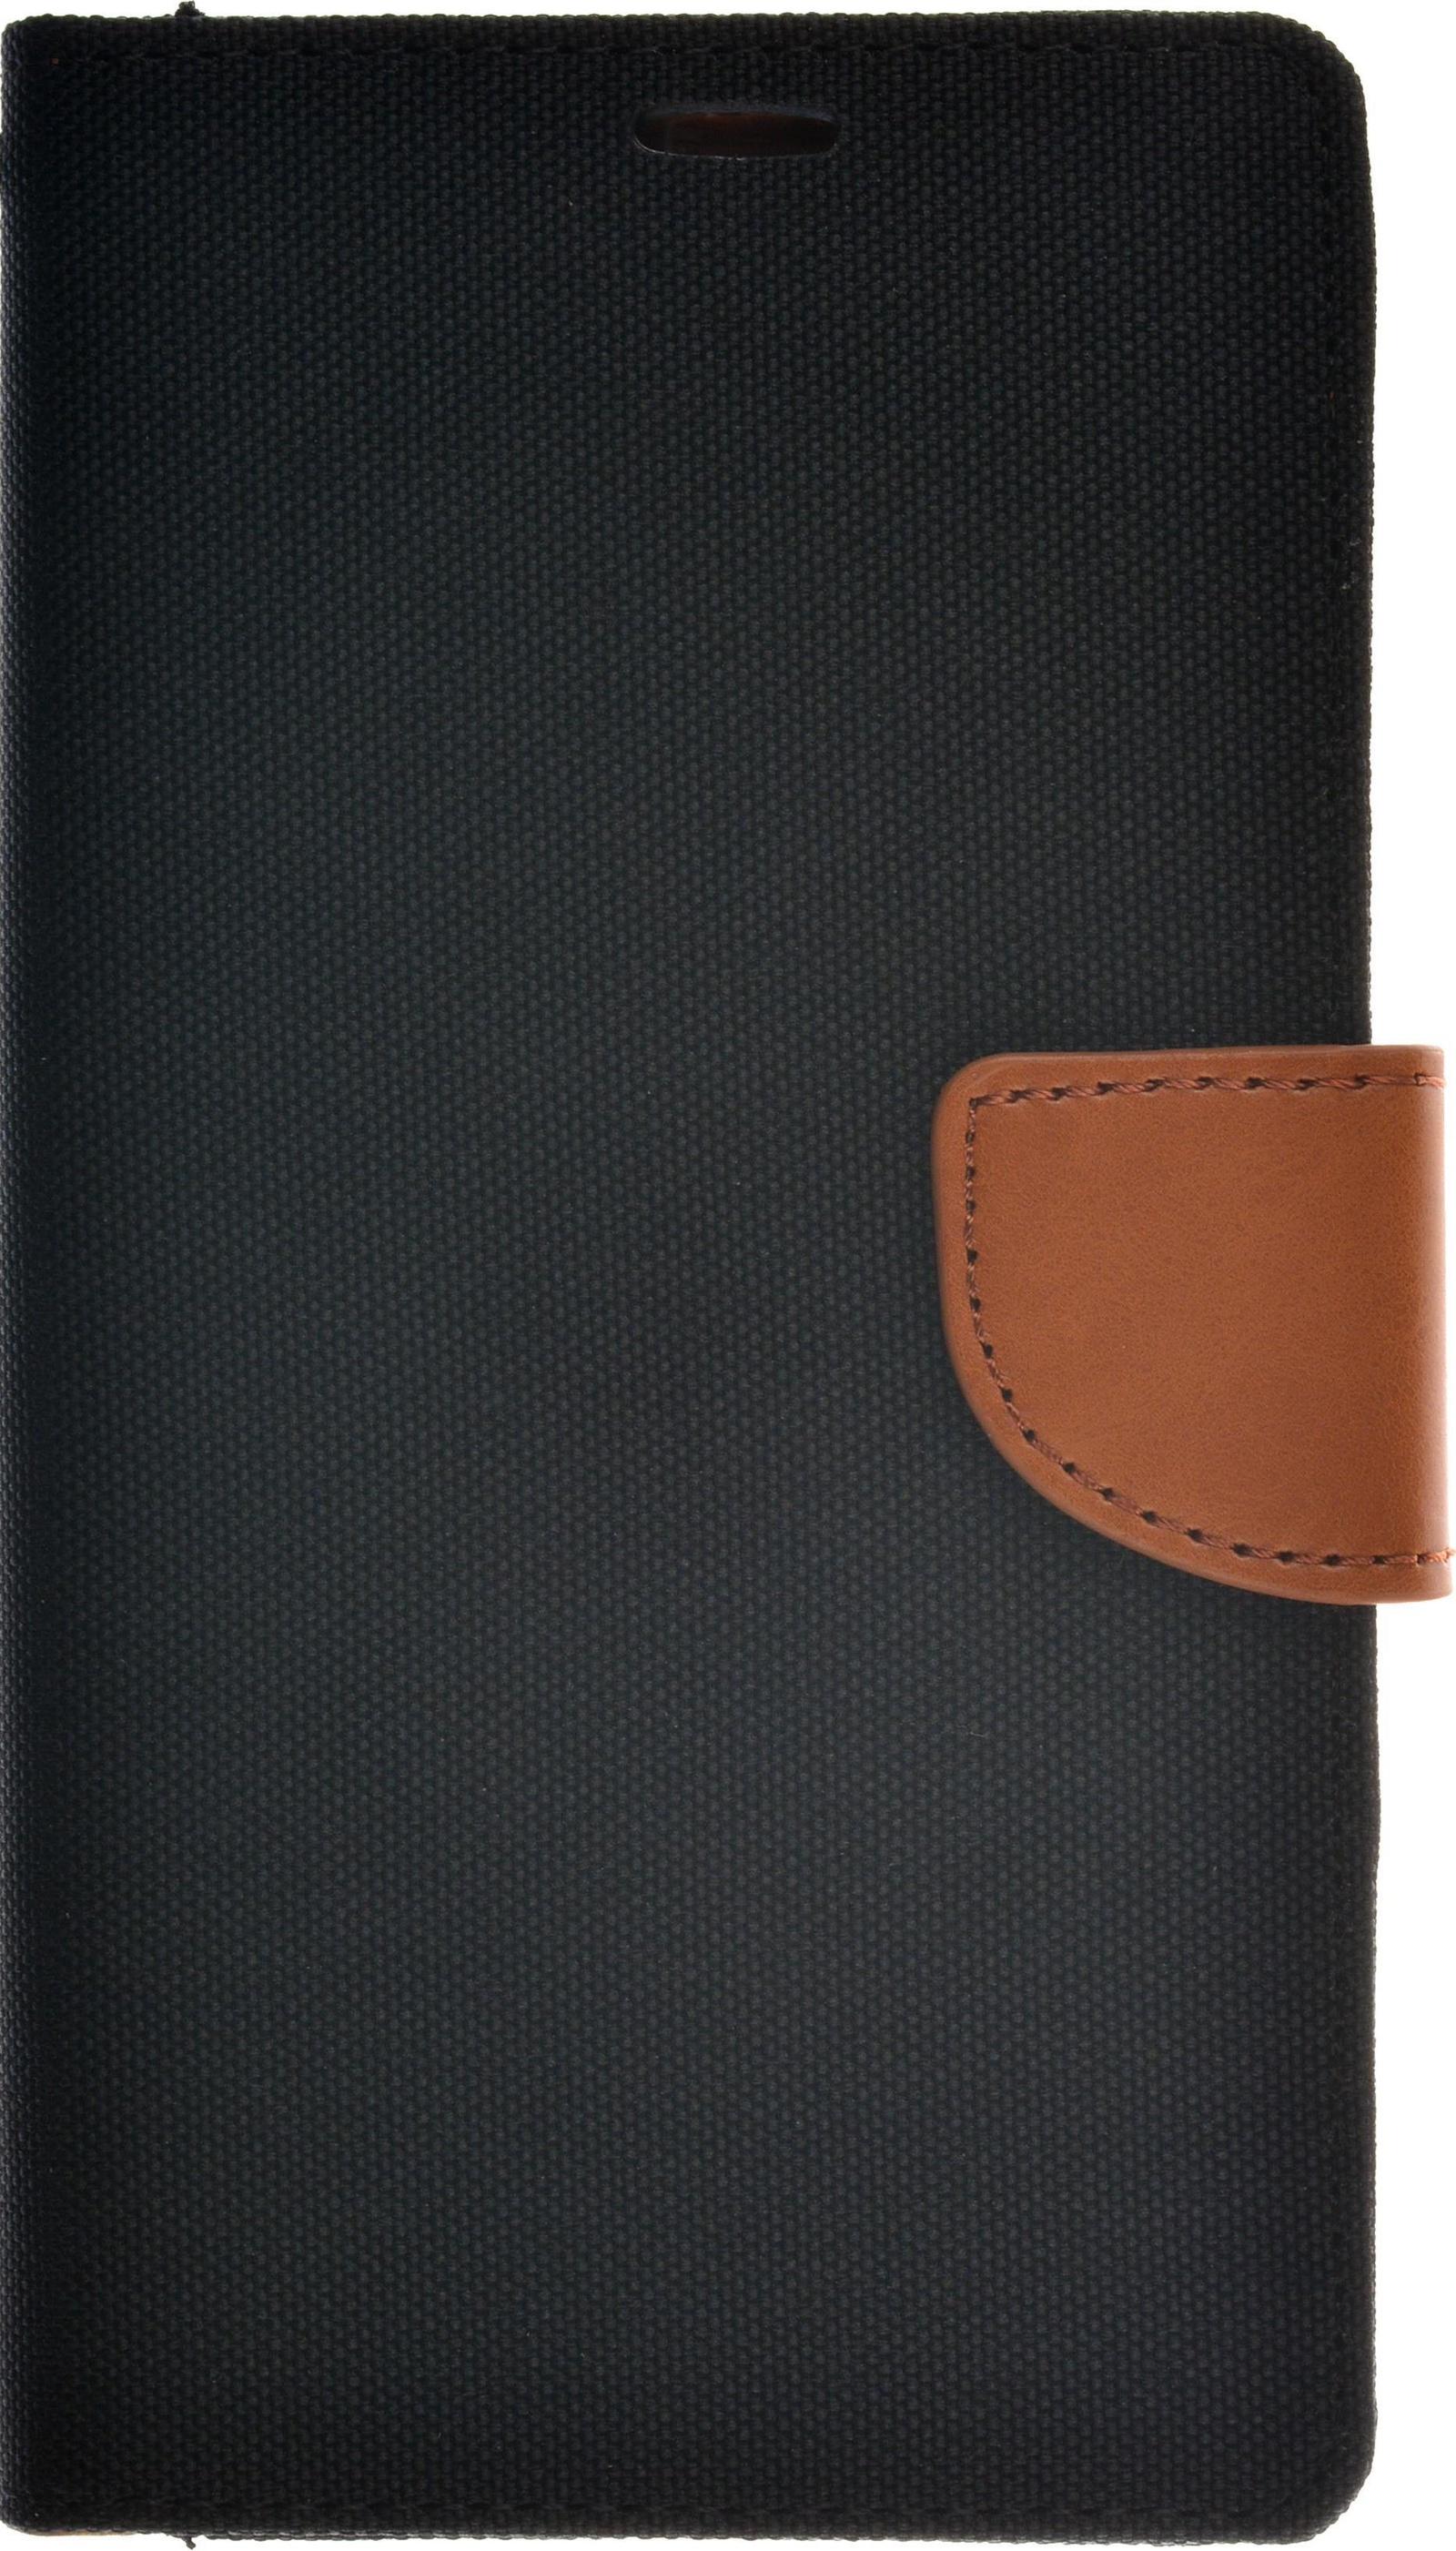 купить Чехол skinBOX для Asus ZE550KL, 2000000087115, черный онлайн